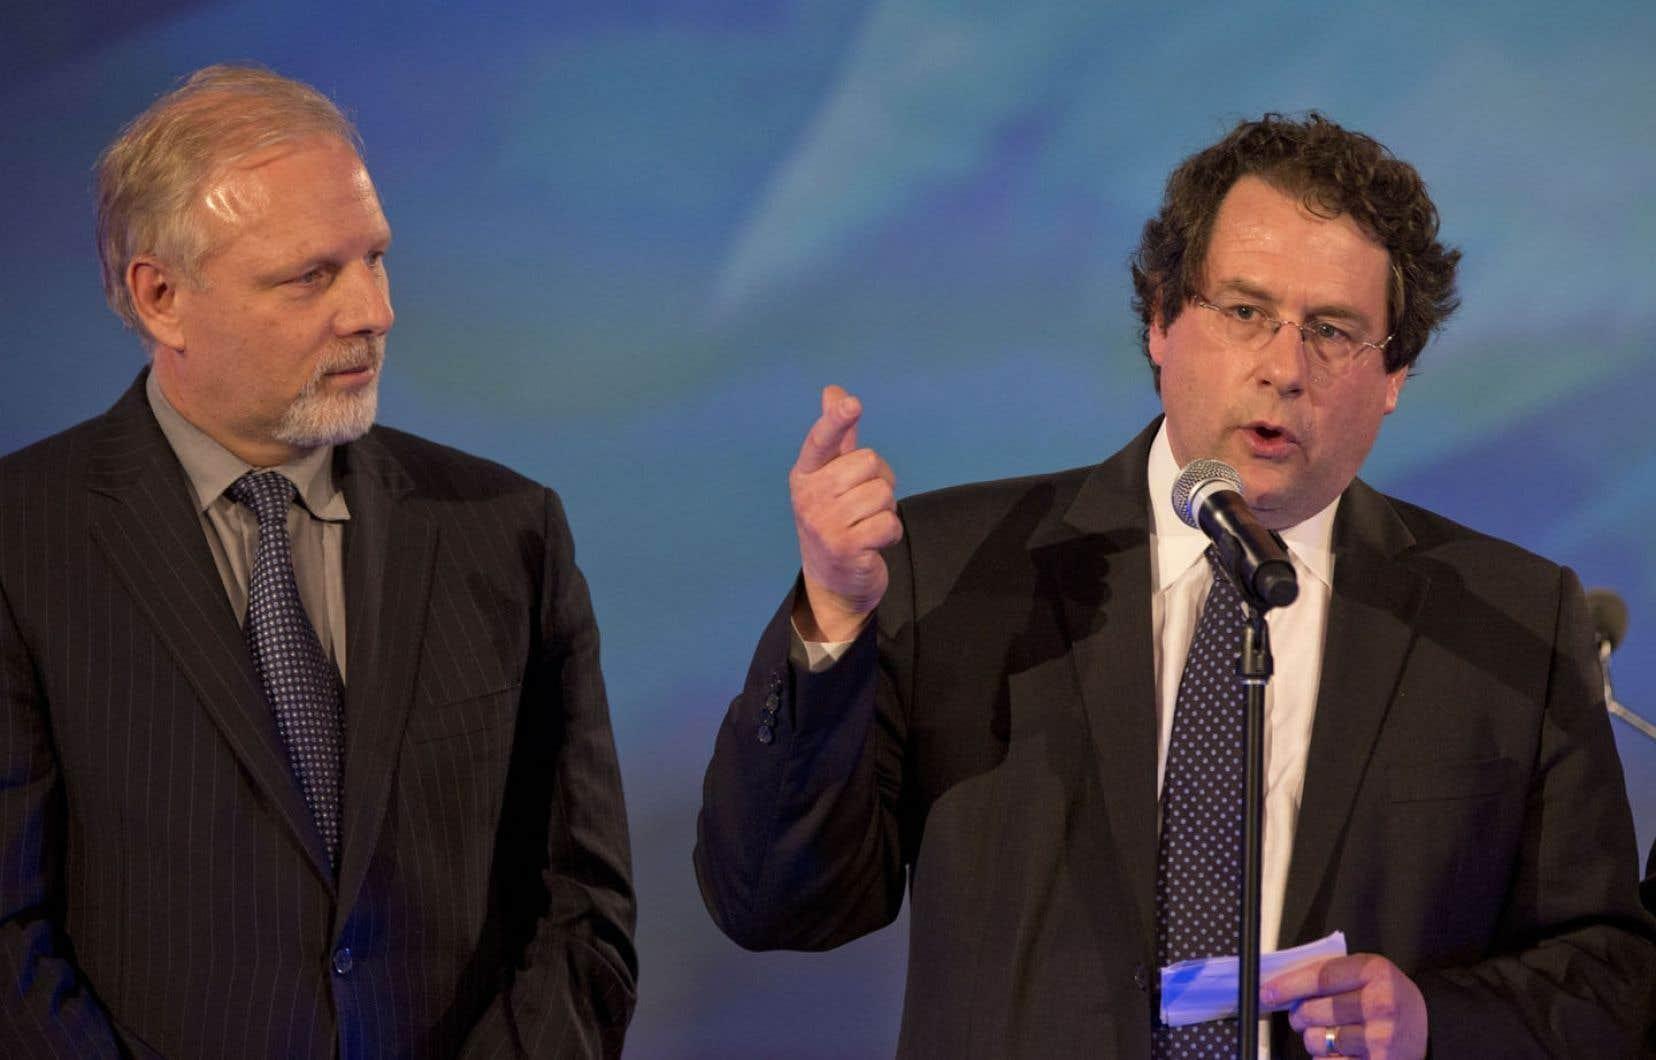 Le député de Rosemont, Jean-François Lisée, et son collègue de Marie-Victorin, Bernard Drainville, côte à côte le soir des élections du 7 avril. Les deux hommes étaient en désaccord sur certains aspects de la charte des valeurs.